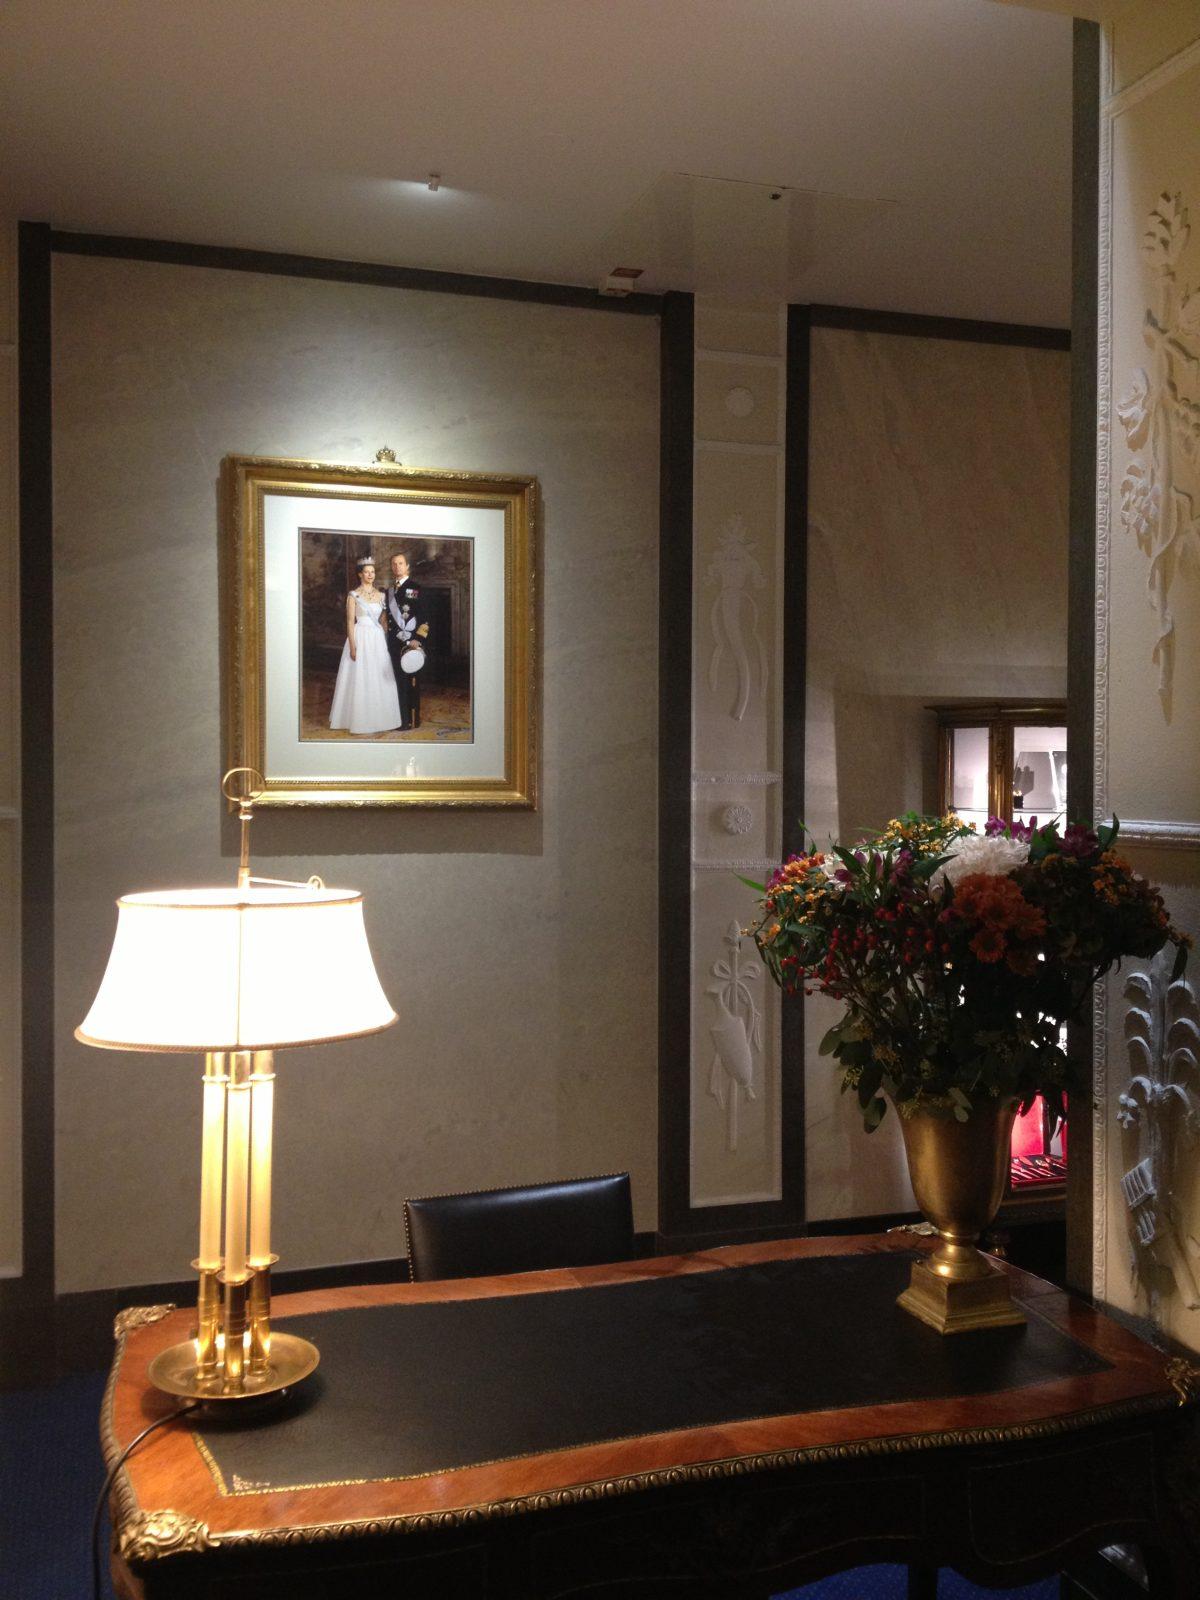 Los reyes de Suecia presentes en el Grand Hotel Stockholm <br> Foto: Israel Úbeda / sweetsweden.com